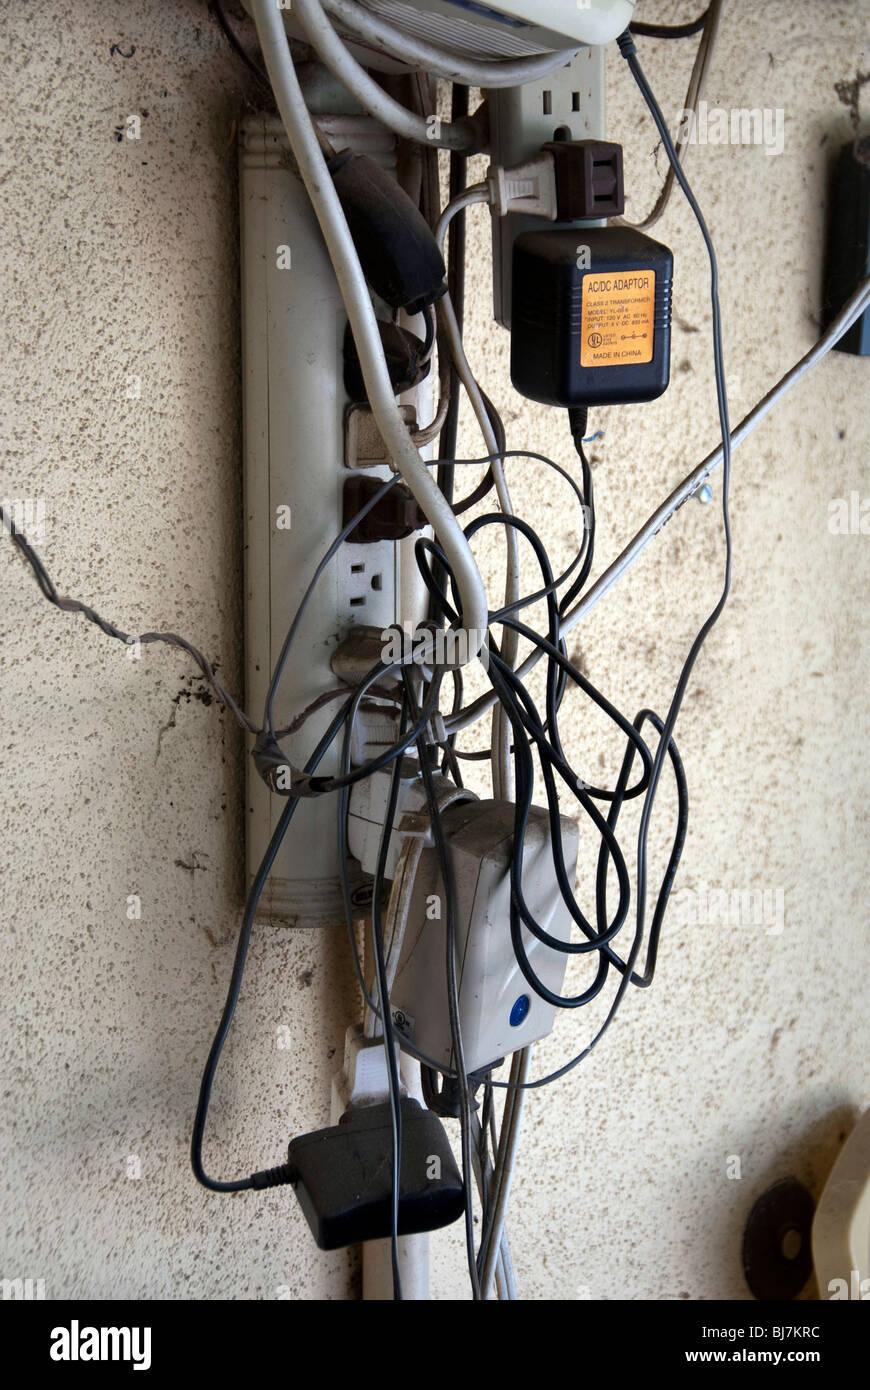 Ein Kabelsalat von elektrischen Leitungen erstellen eine Brandgefahr ...